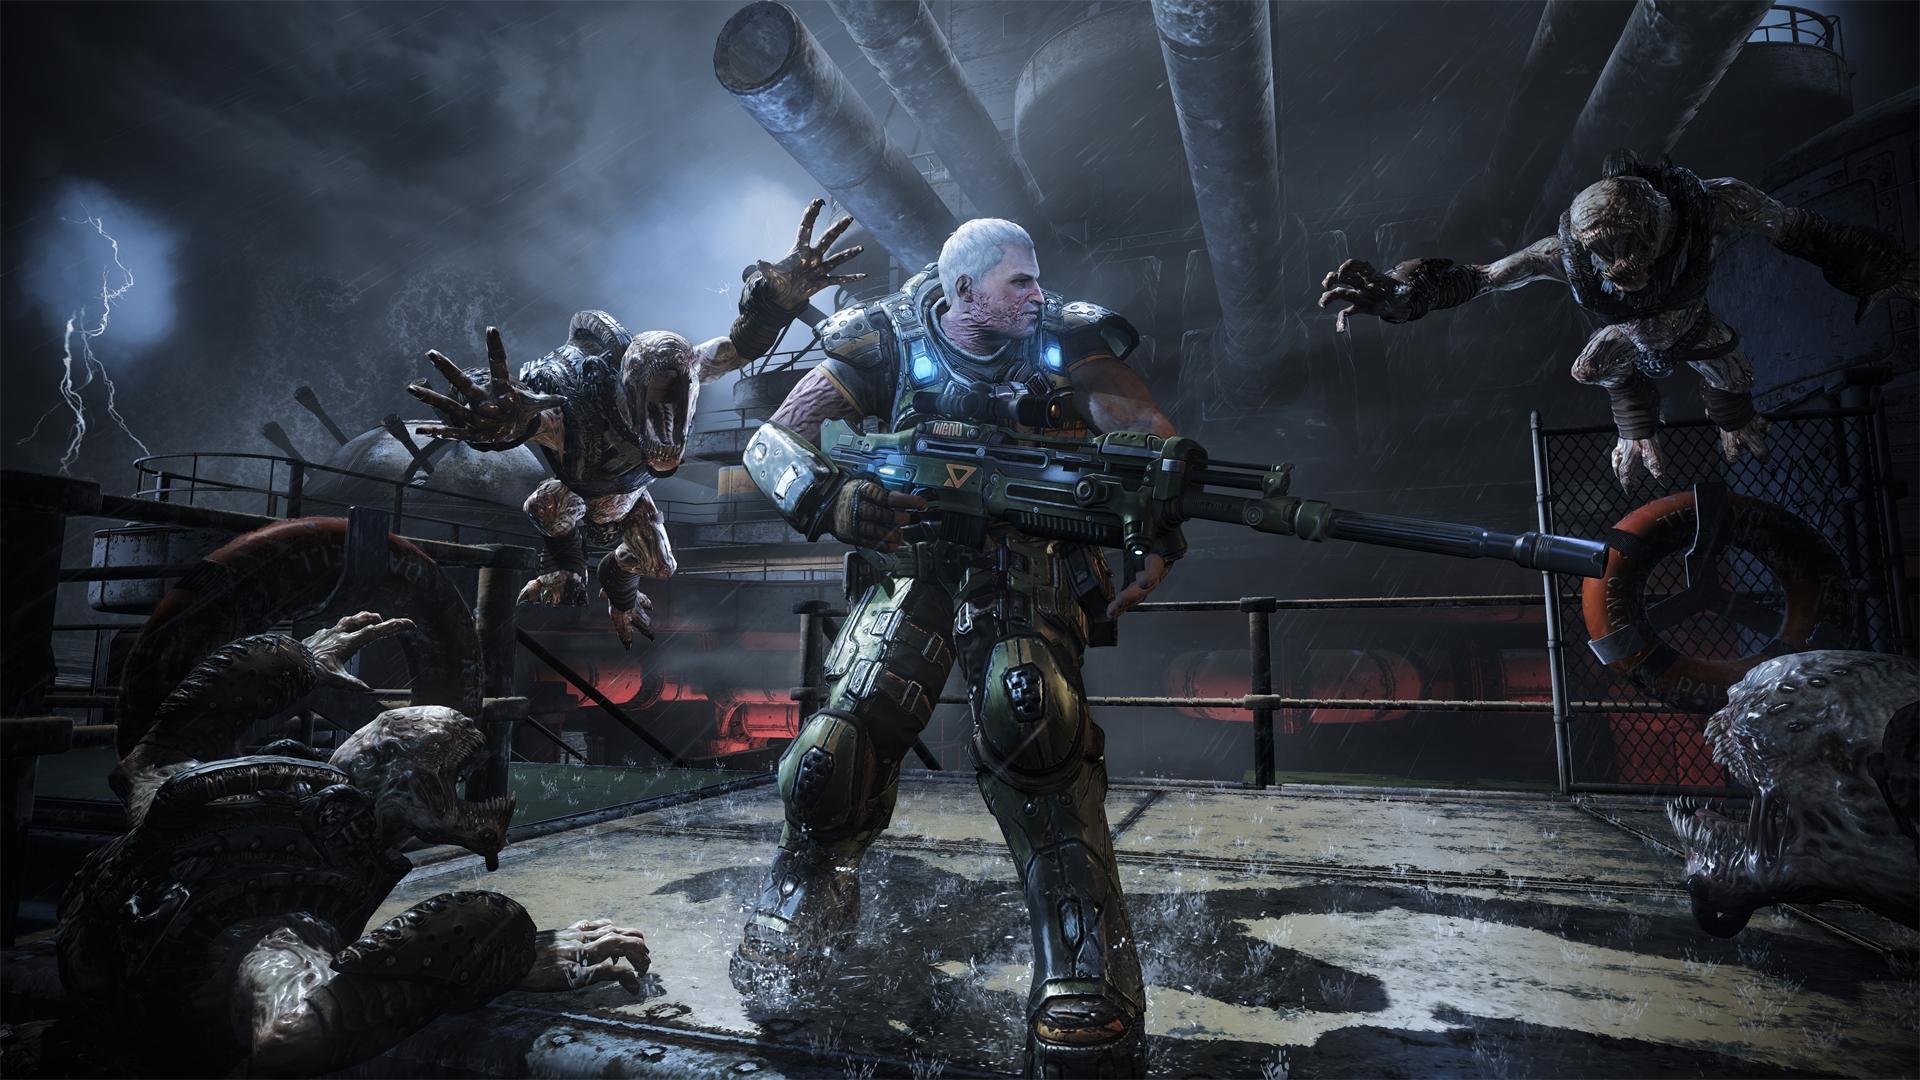 Gears of war 4 1080p hd games 4k wallpapers images - Wallpaper gears of war 4 ...